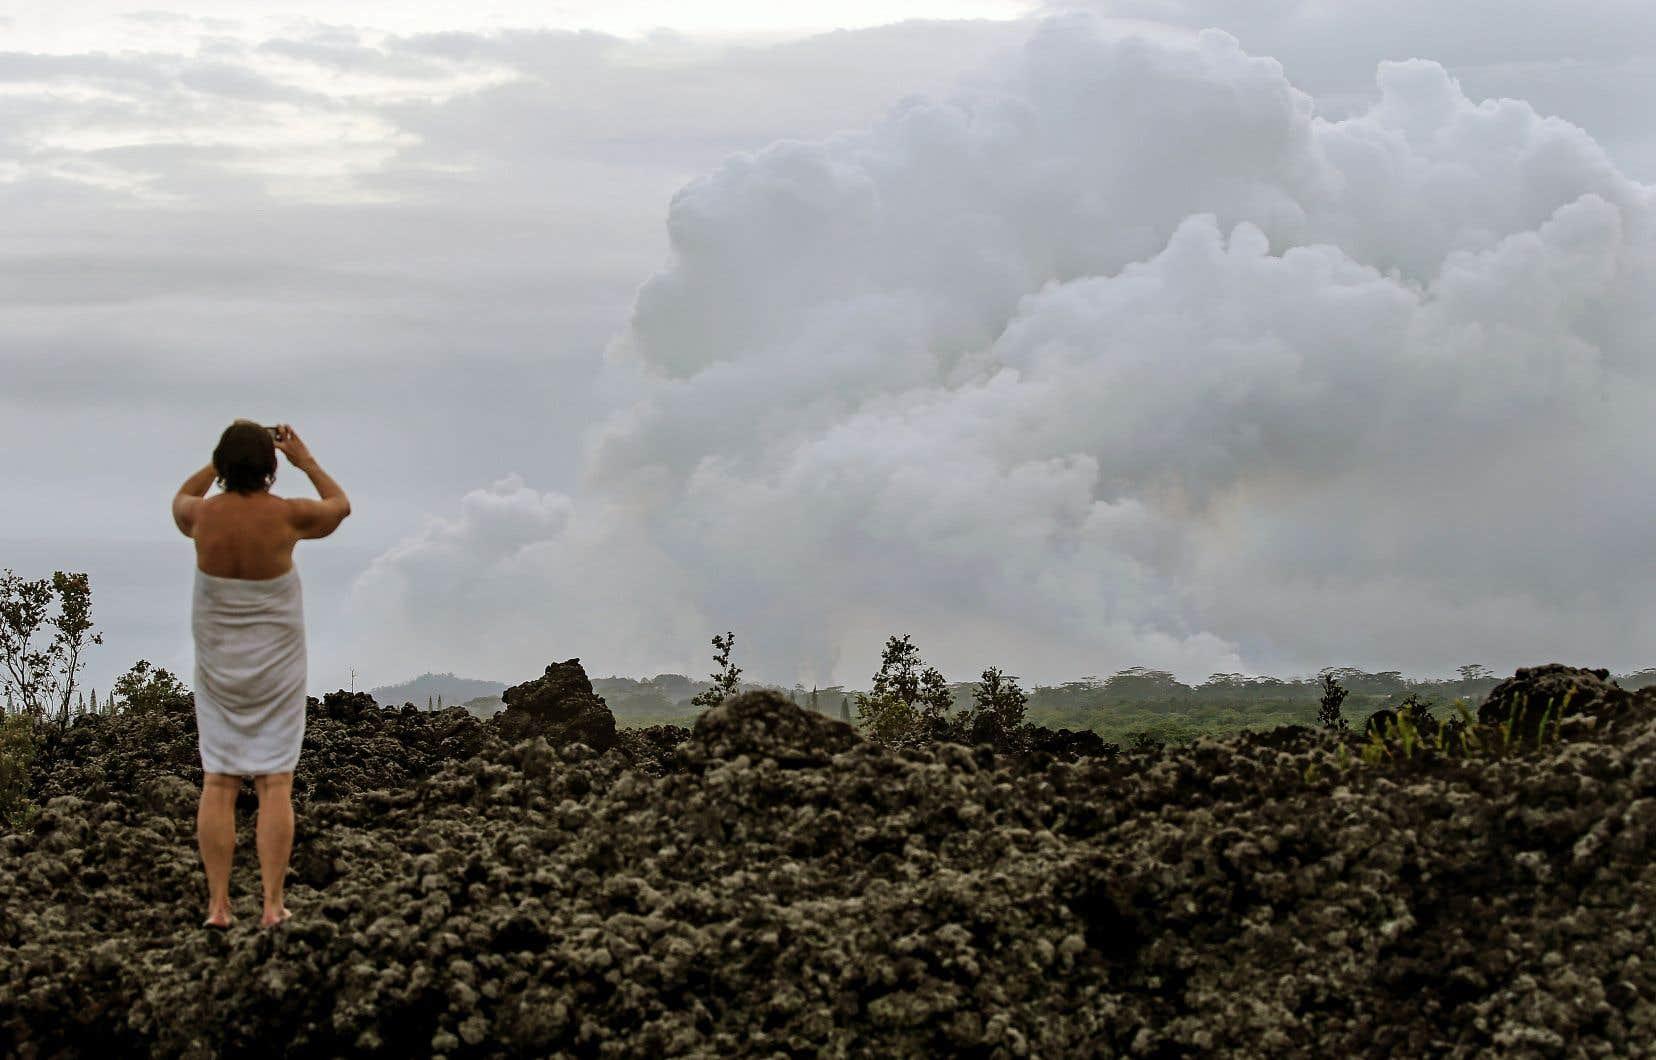 Dans la ville de Pahoa, la fumée issue du volcan était déjà bien visible, jeudi.